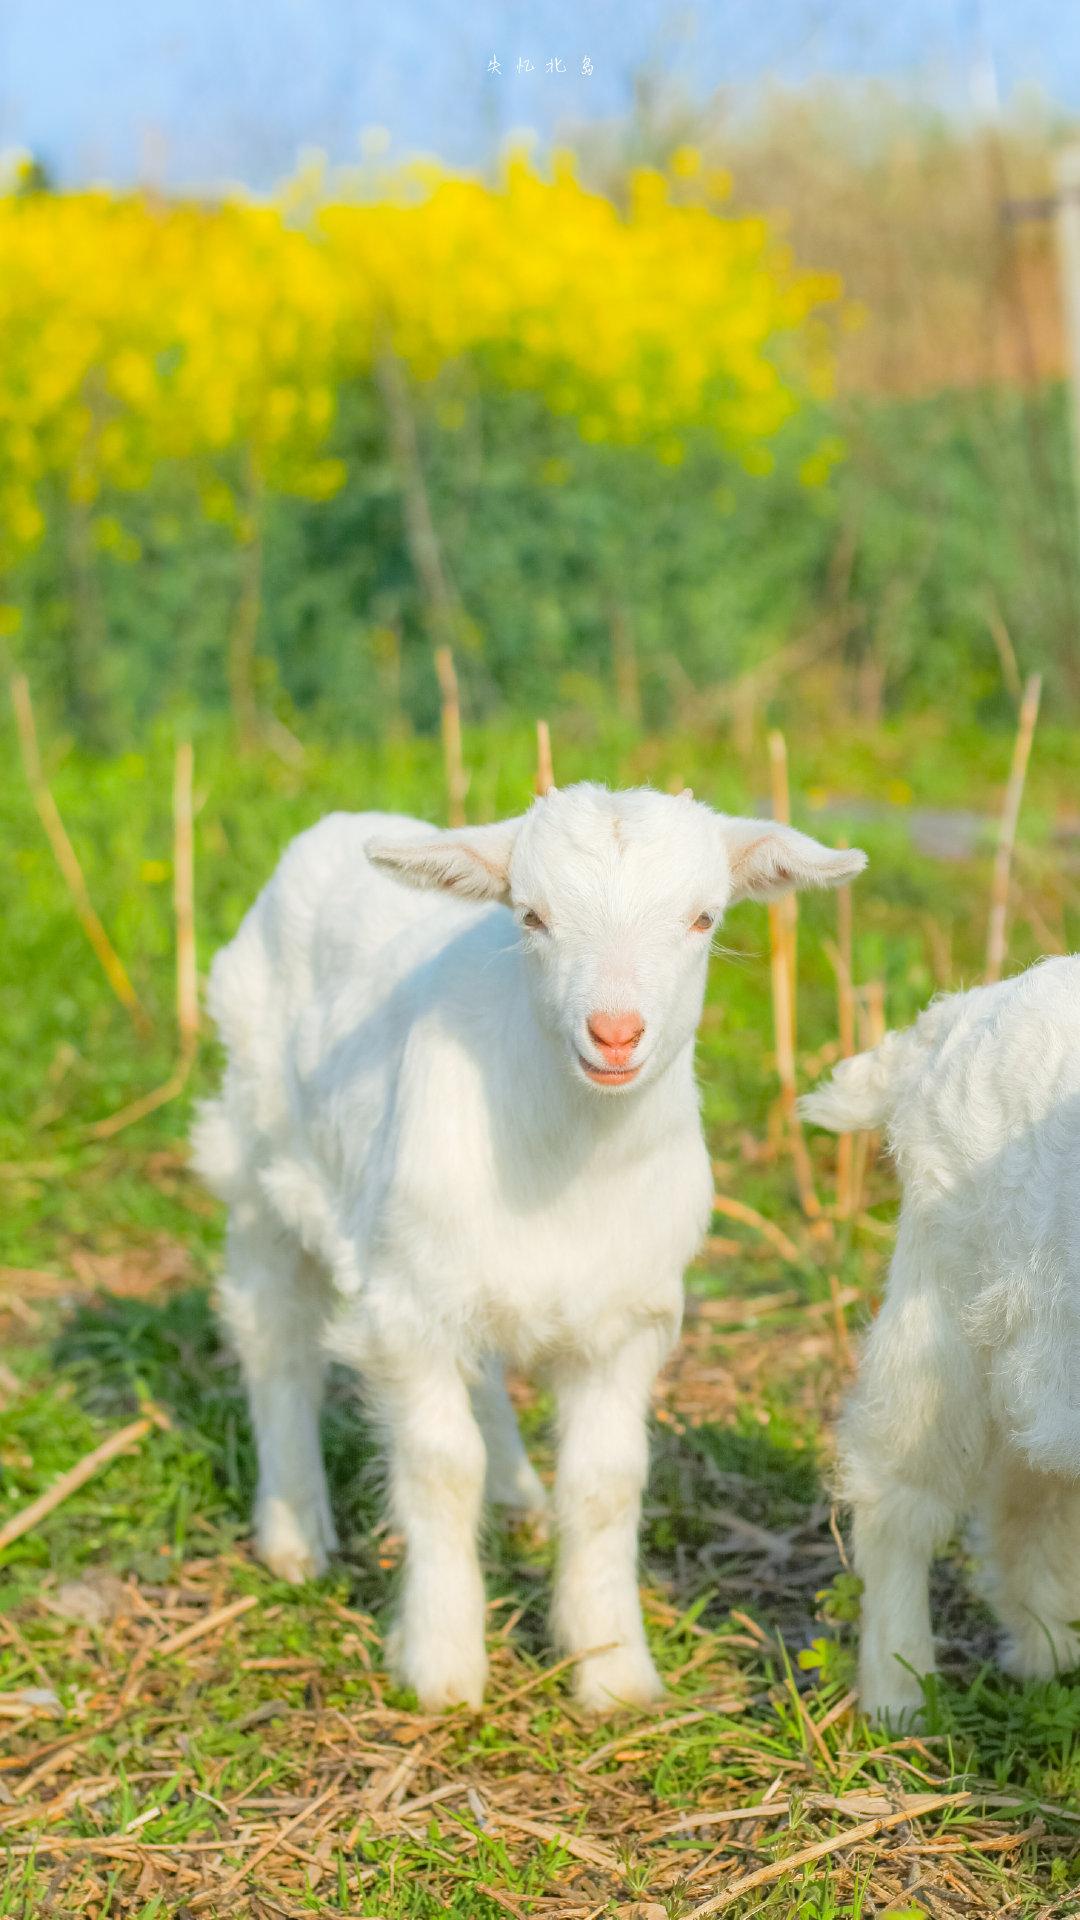 小羊与油菜花在春天的碰面  cr.失忆北岛